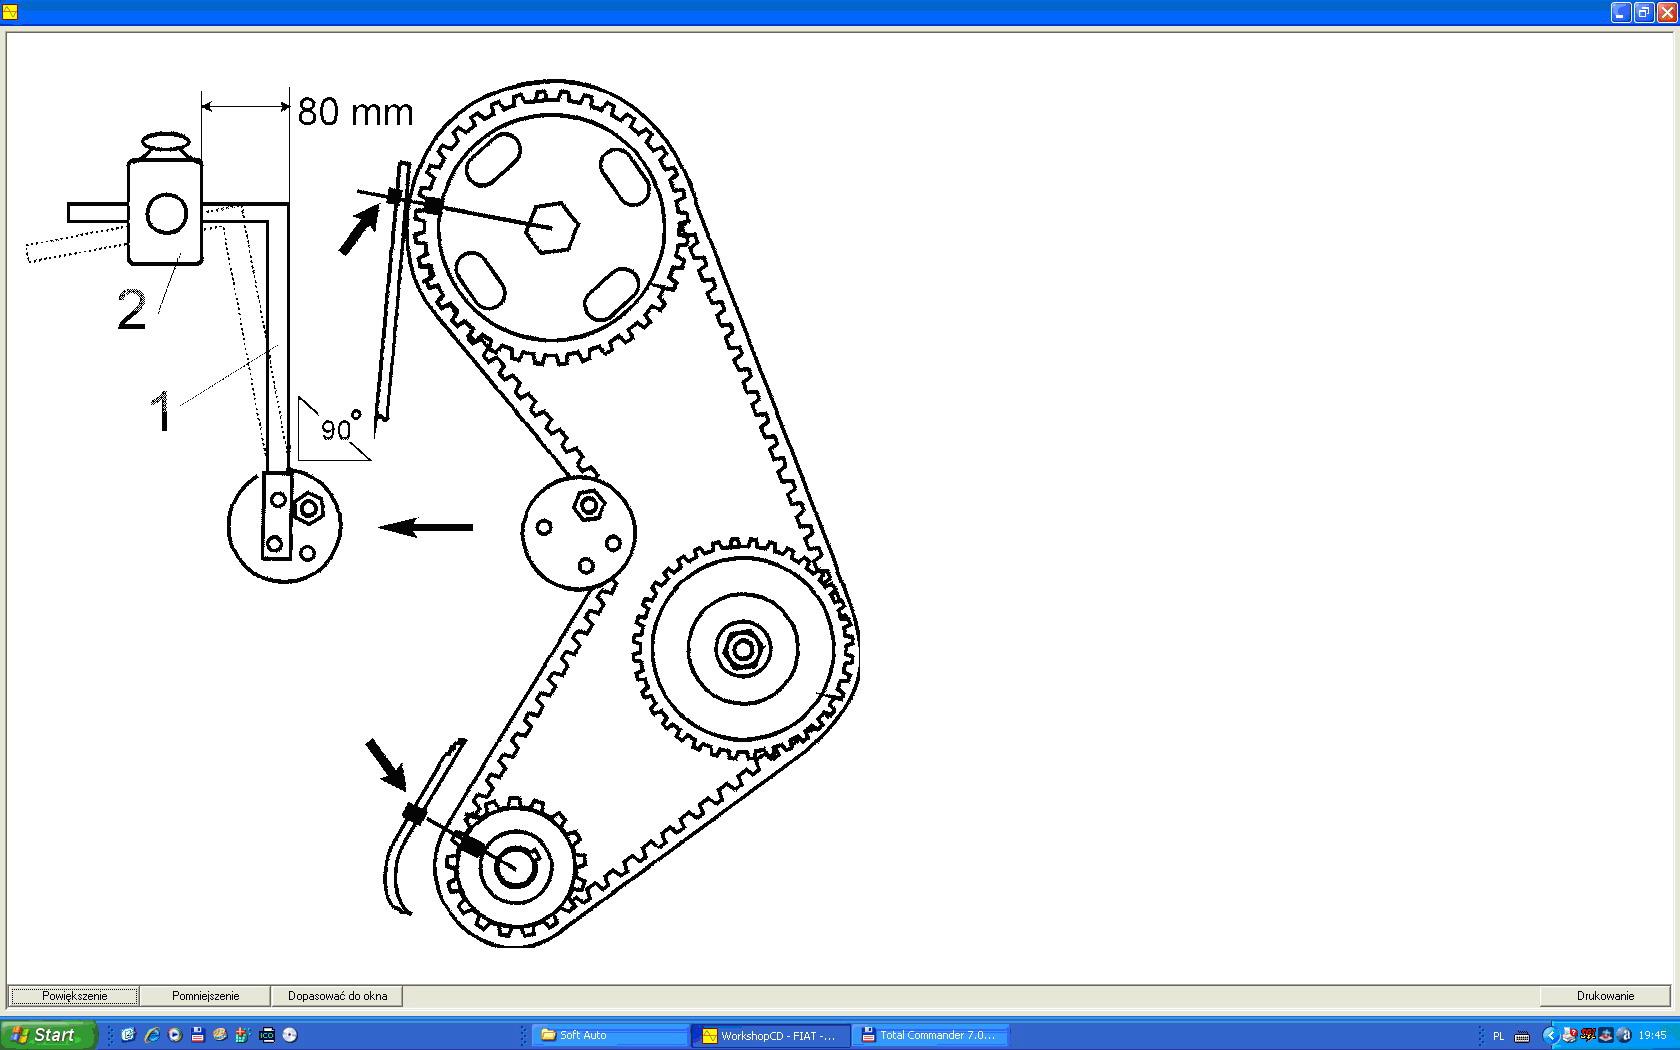 zamiana silnika fiat uno 1.0, ustawienie zapłonu i rozrządu